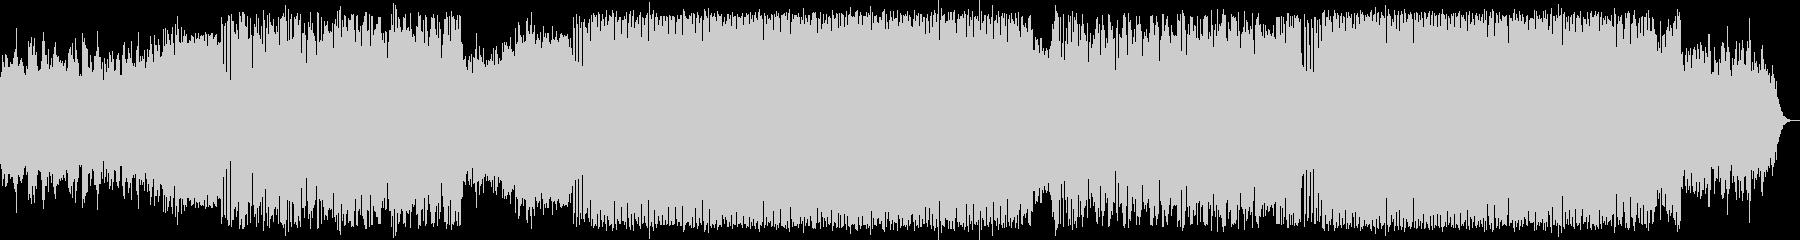 疾走感があるシンセポップハウス系EDMの未再生の波形